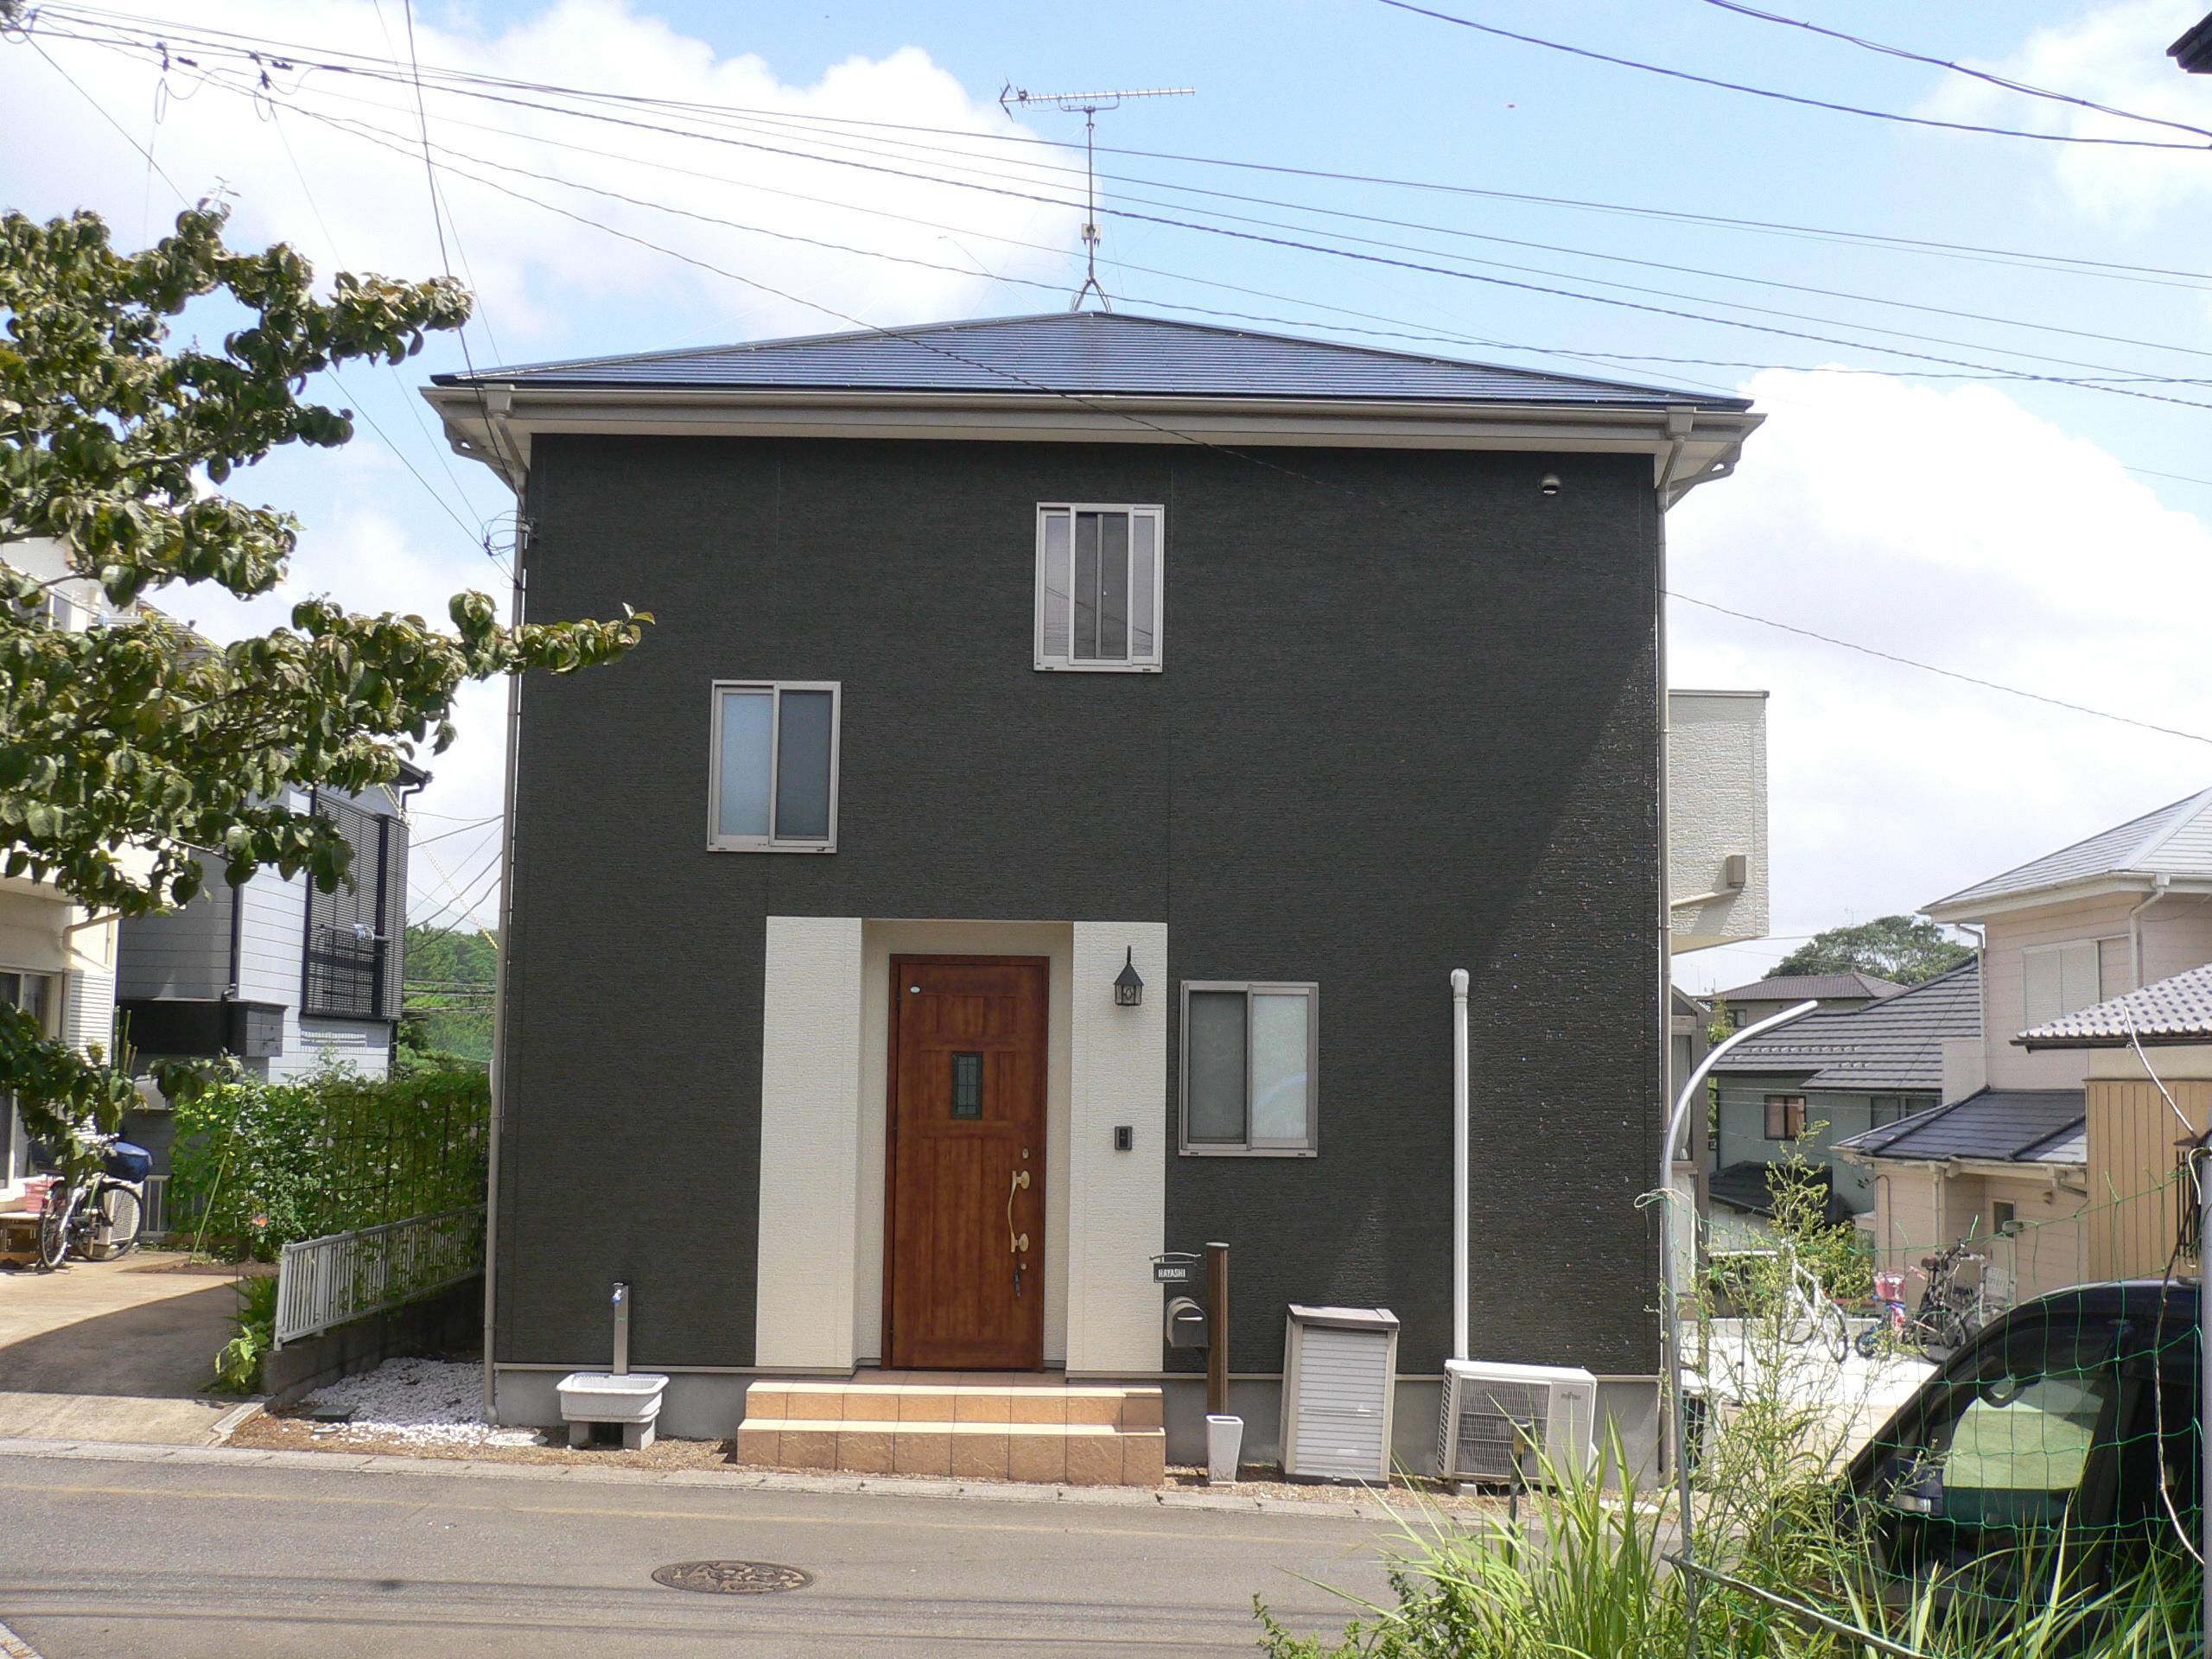 牛久市 外壁塗装・屋根塗装 仕上がりは最高に良い! お客様の声